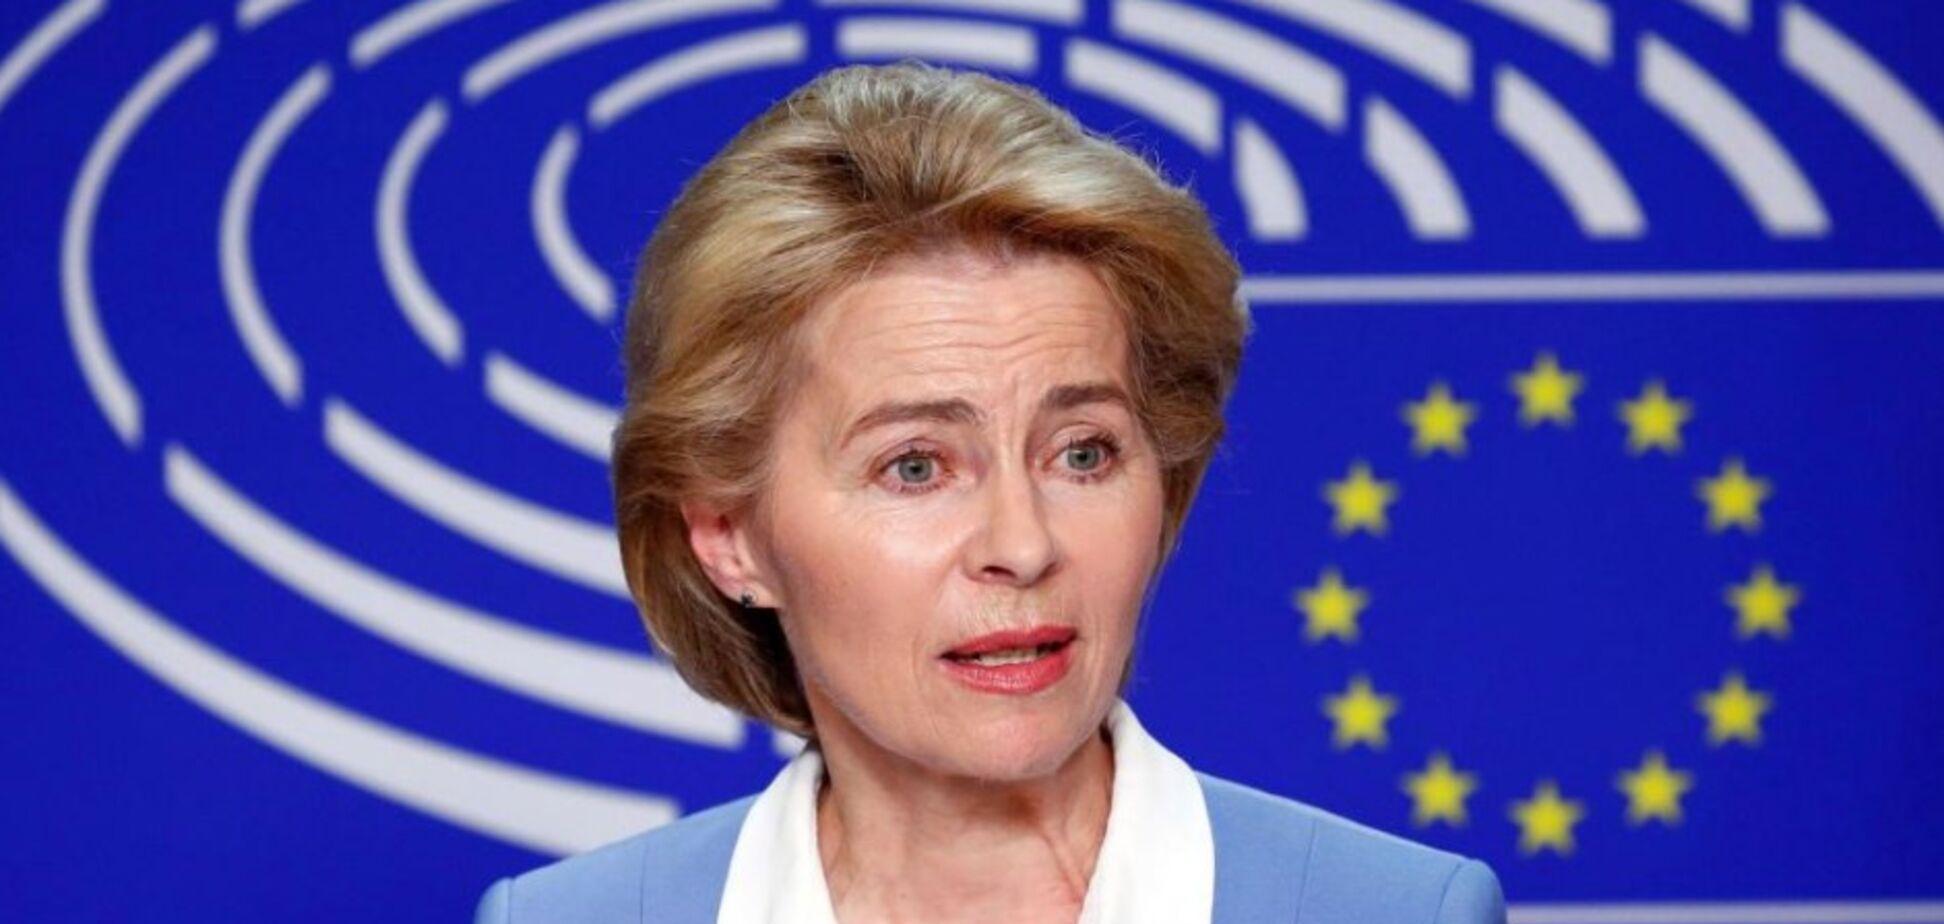 Євросоюз назвав терміни створення вакцини від коронавірусу